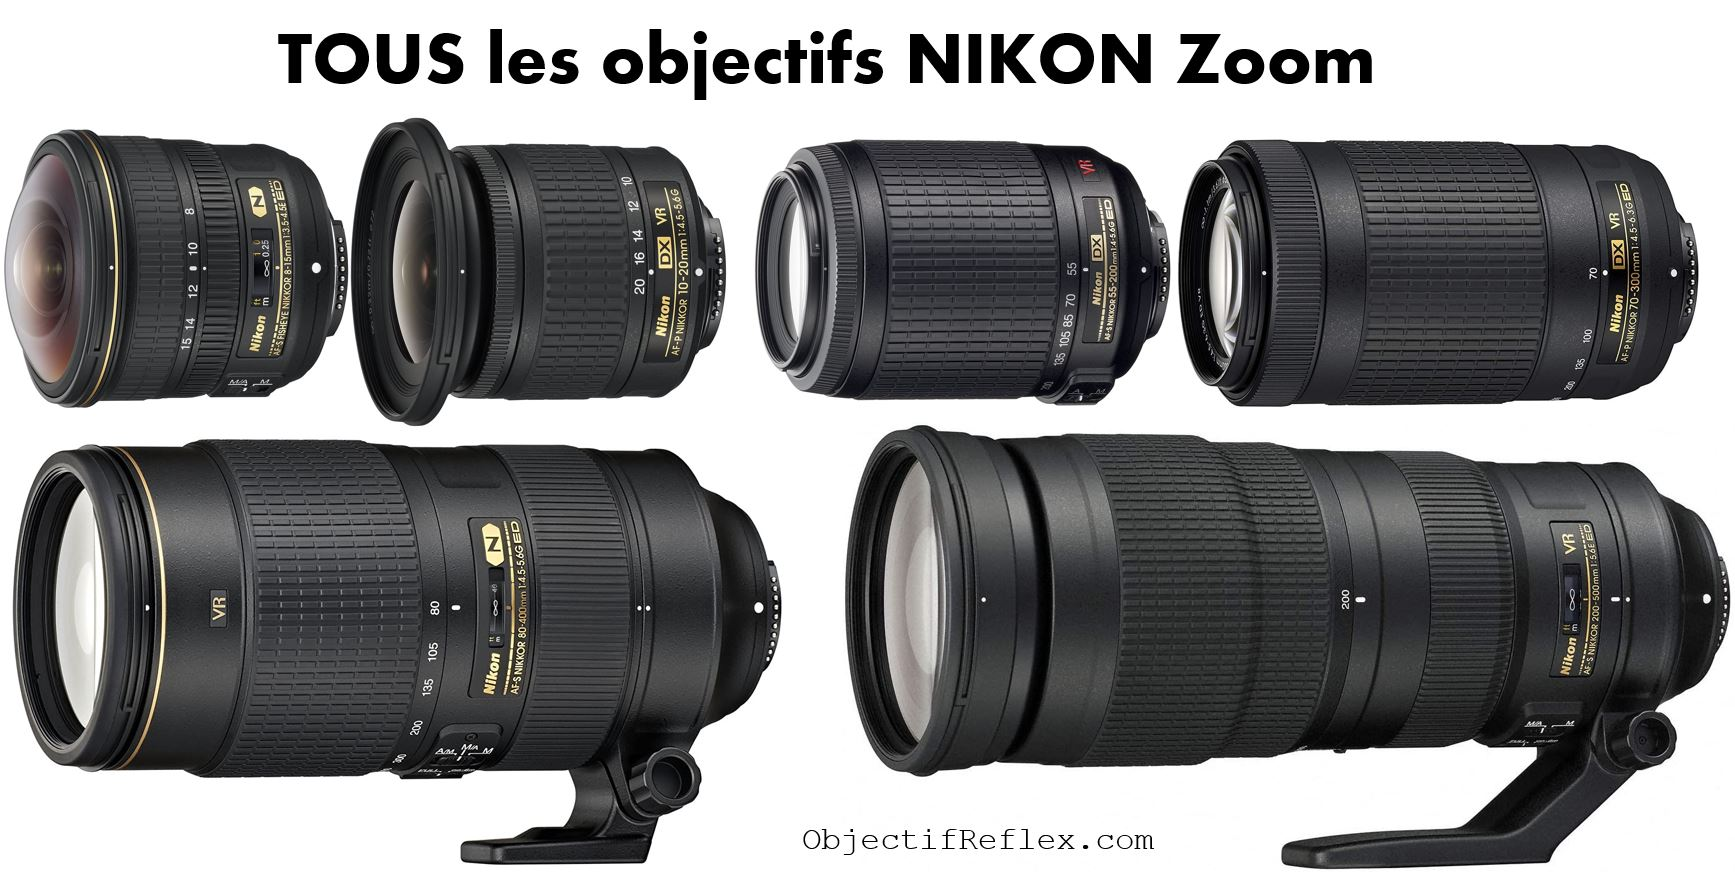 TOUS les objectifs NIKON Zoom